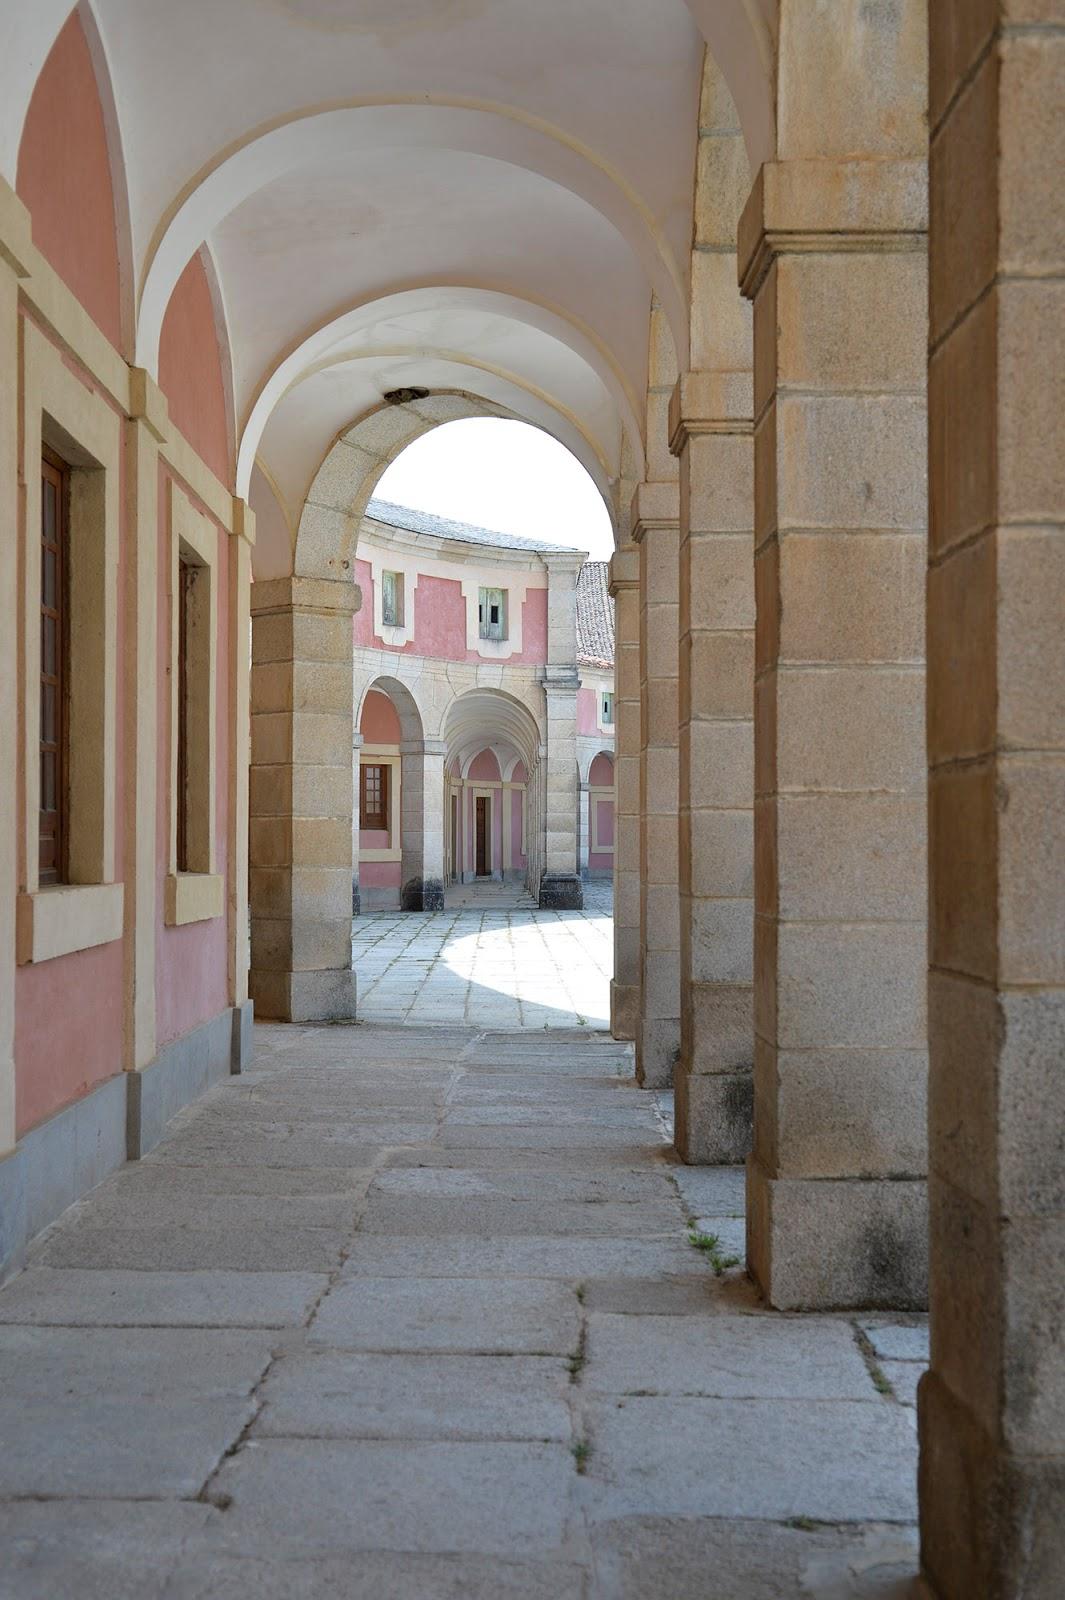 segovia spain travel guide weekend riofrio palace palacio